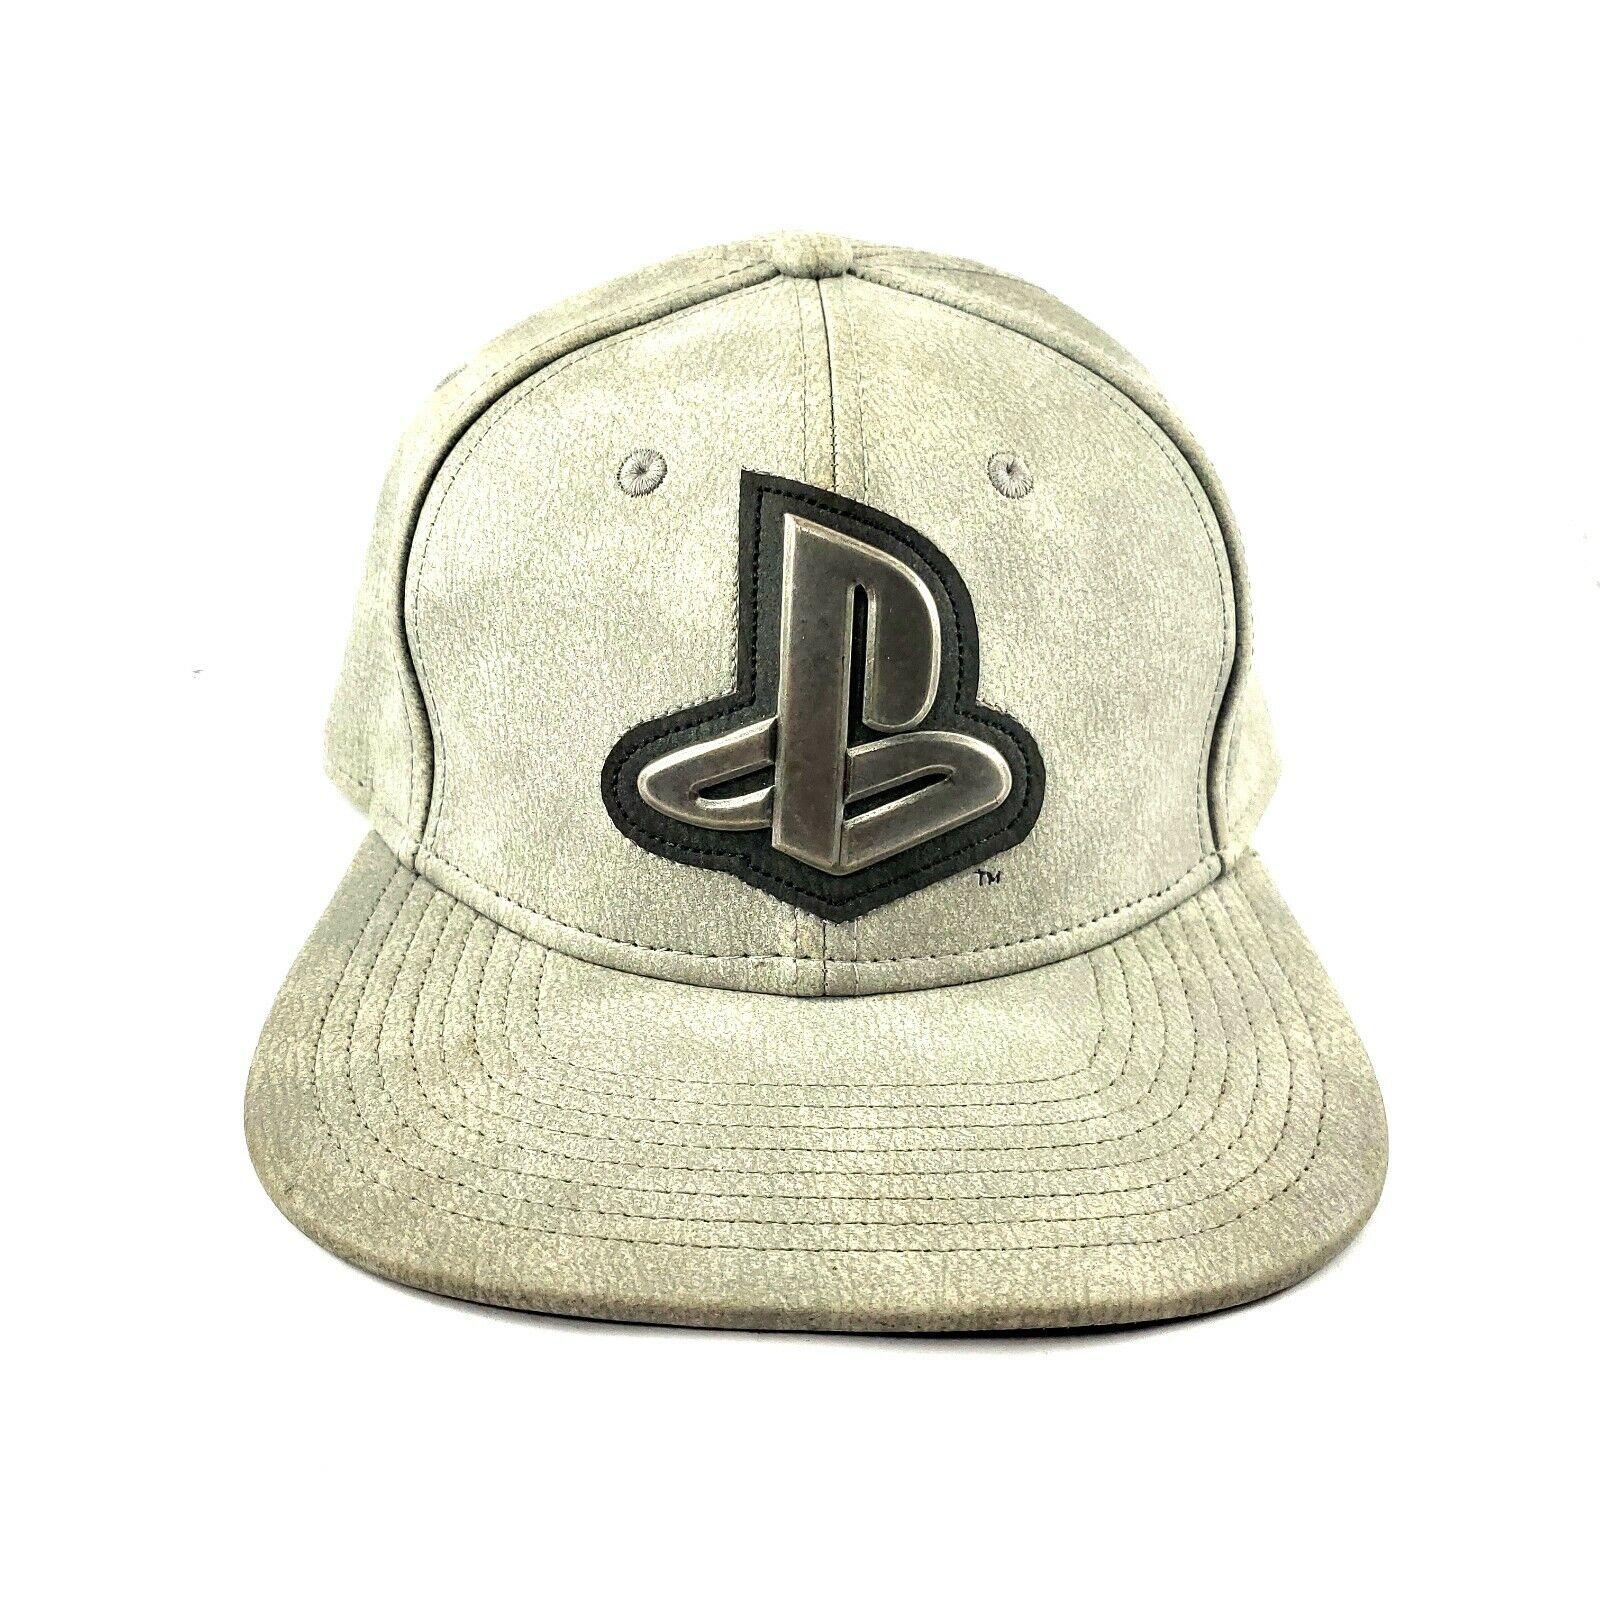 Vestiti dei Ragazzi Merchandise Ufficiale PS5 PS4 Gamer Cappello Bambini Idea Gaming Fan Regalo di Compleanno Playstation Logo Classic Ragazzi Beanie con Pom